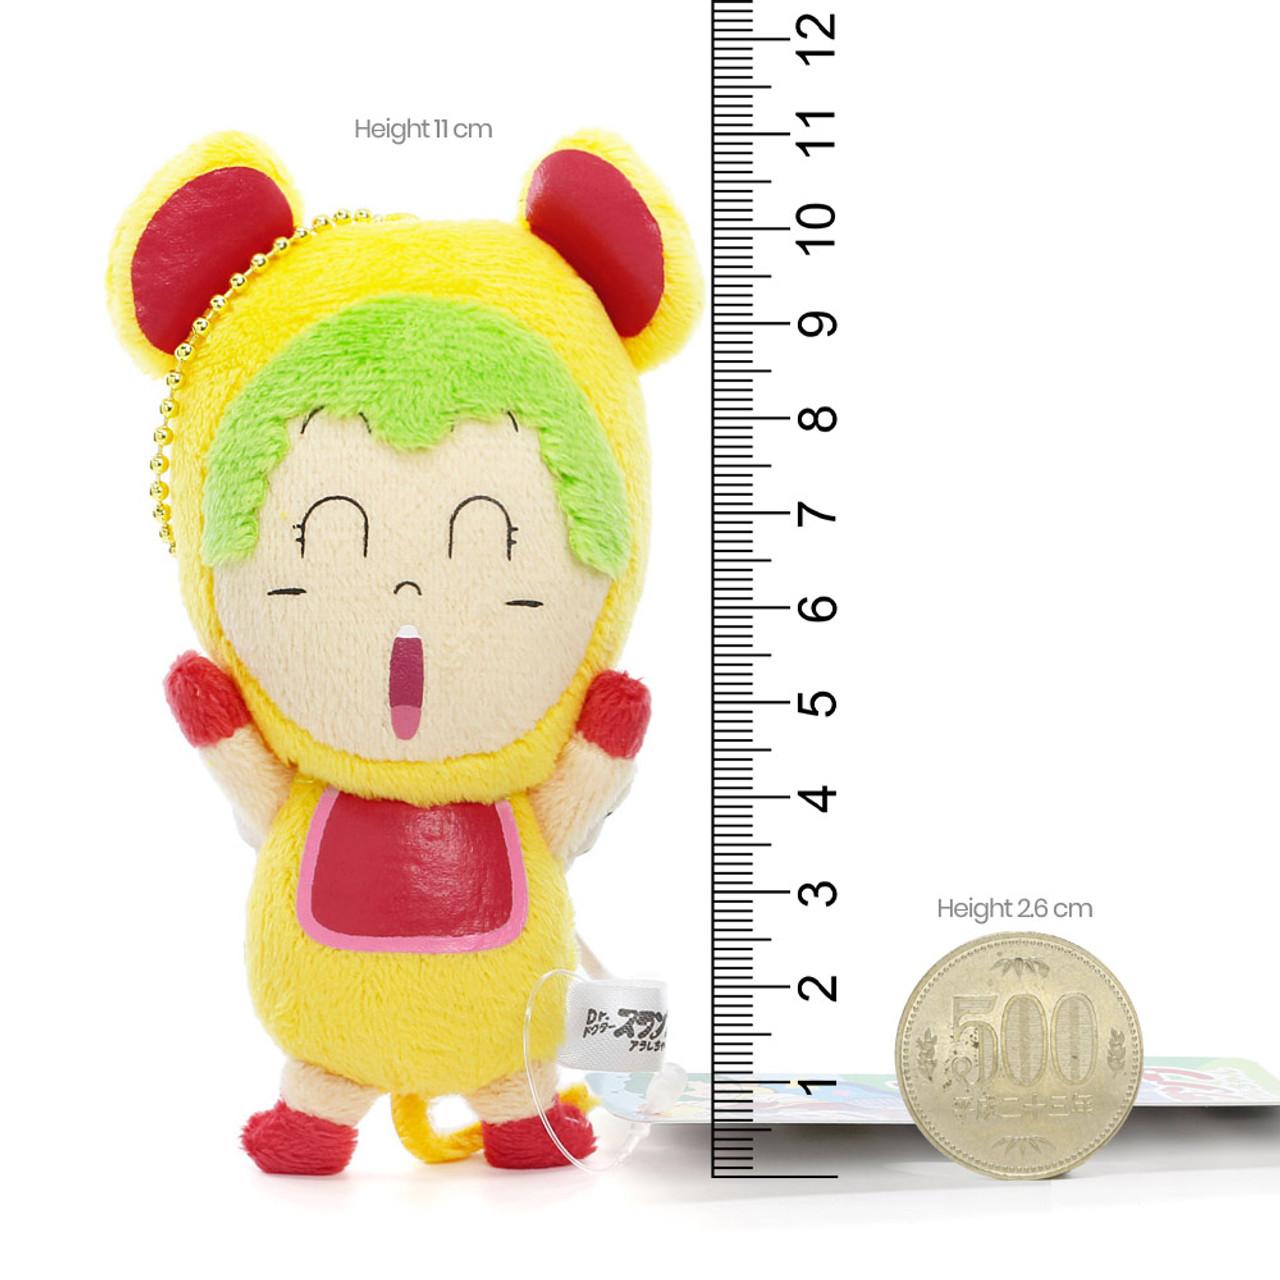 Gatchan Mascot Plush KeyChain ( Proportion )